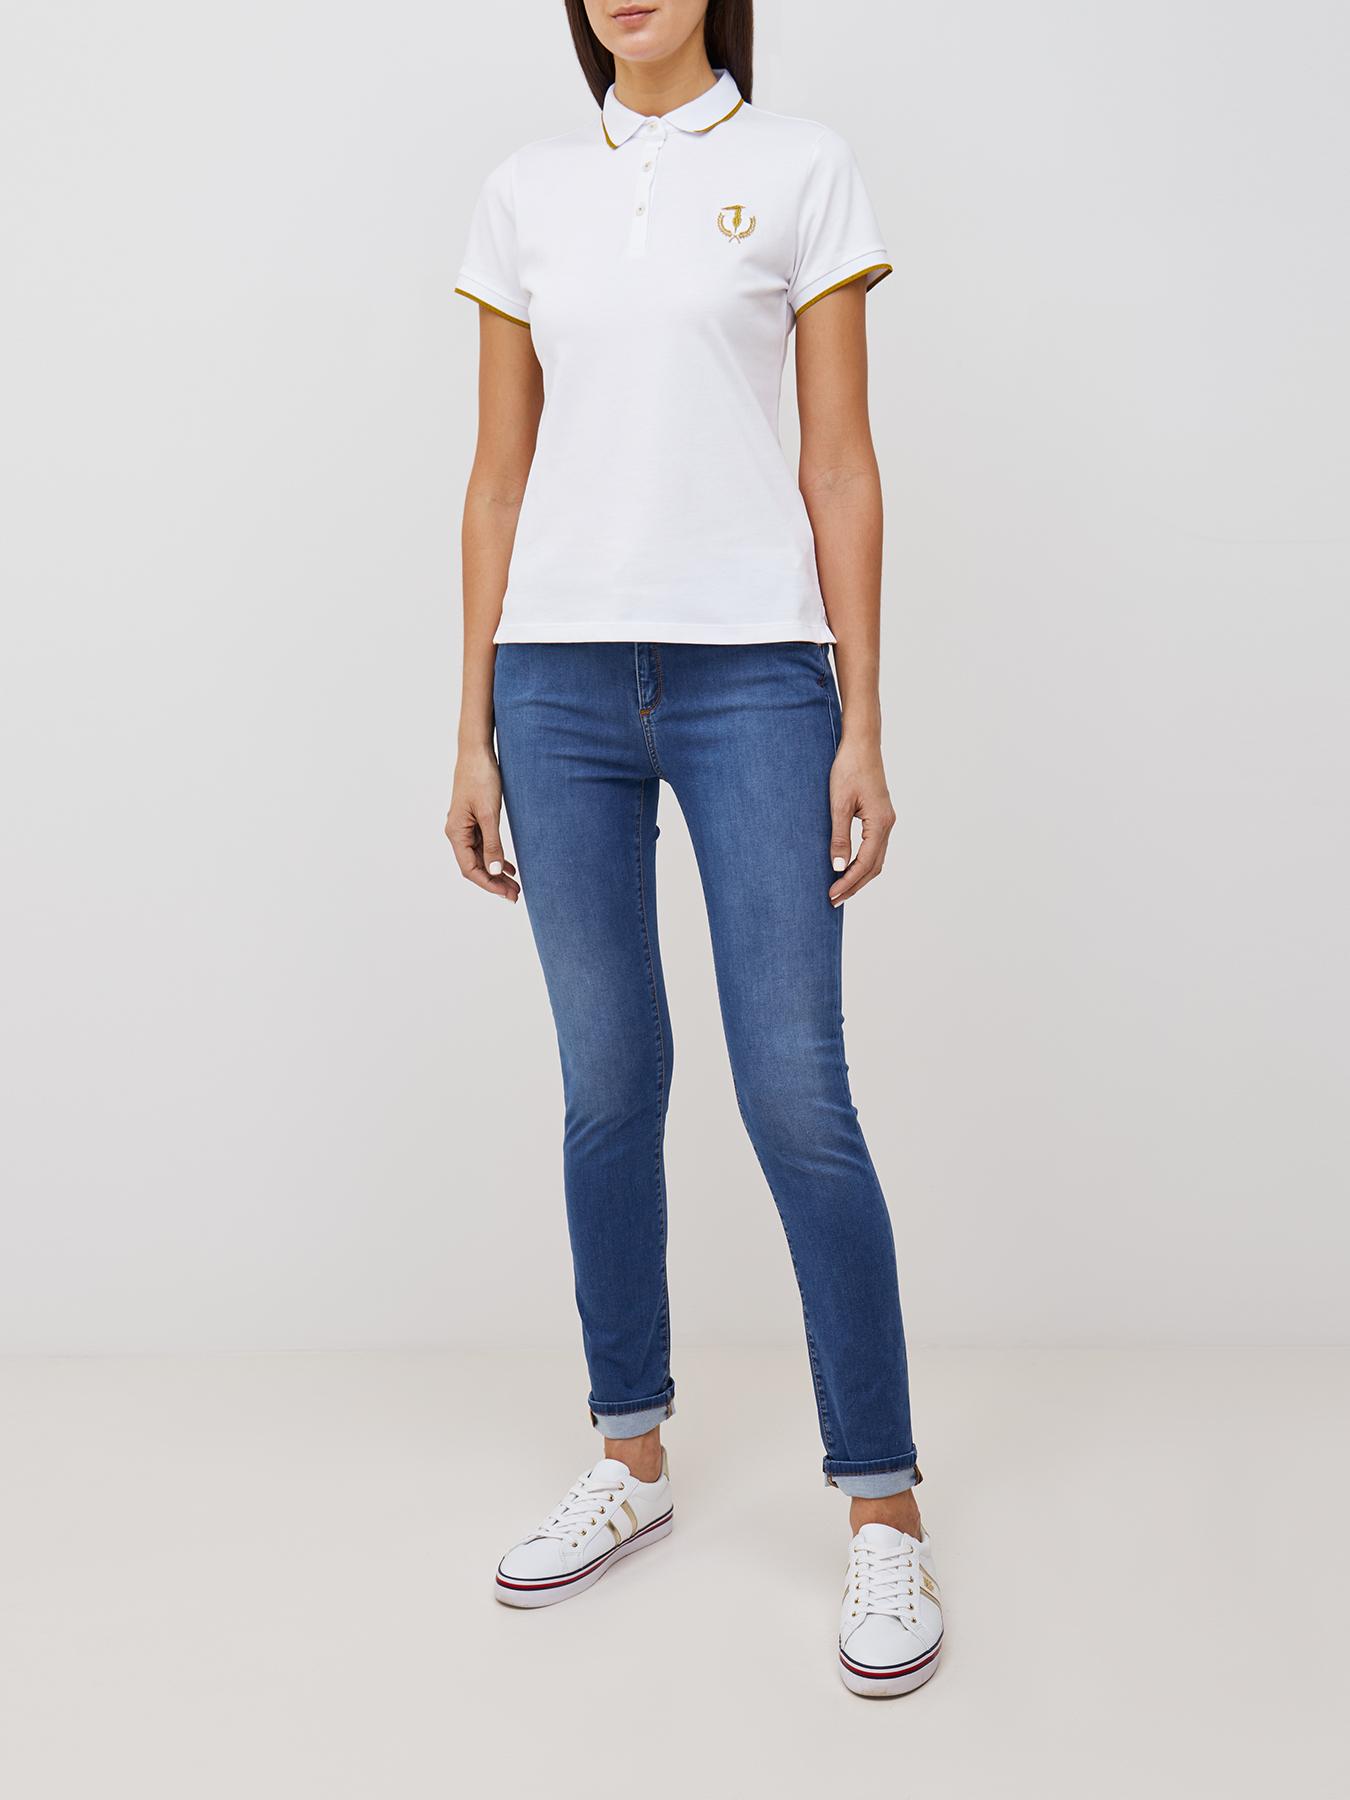 Брюки Trussardi Jeans Зауженные джинсы